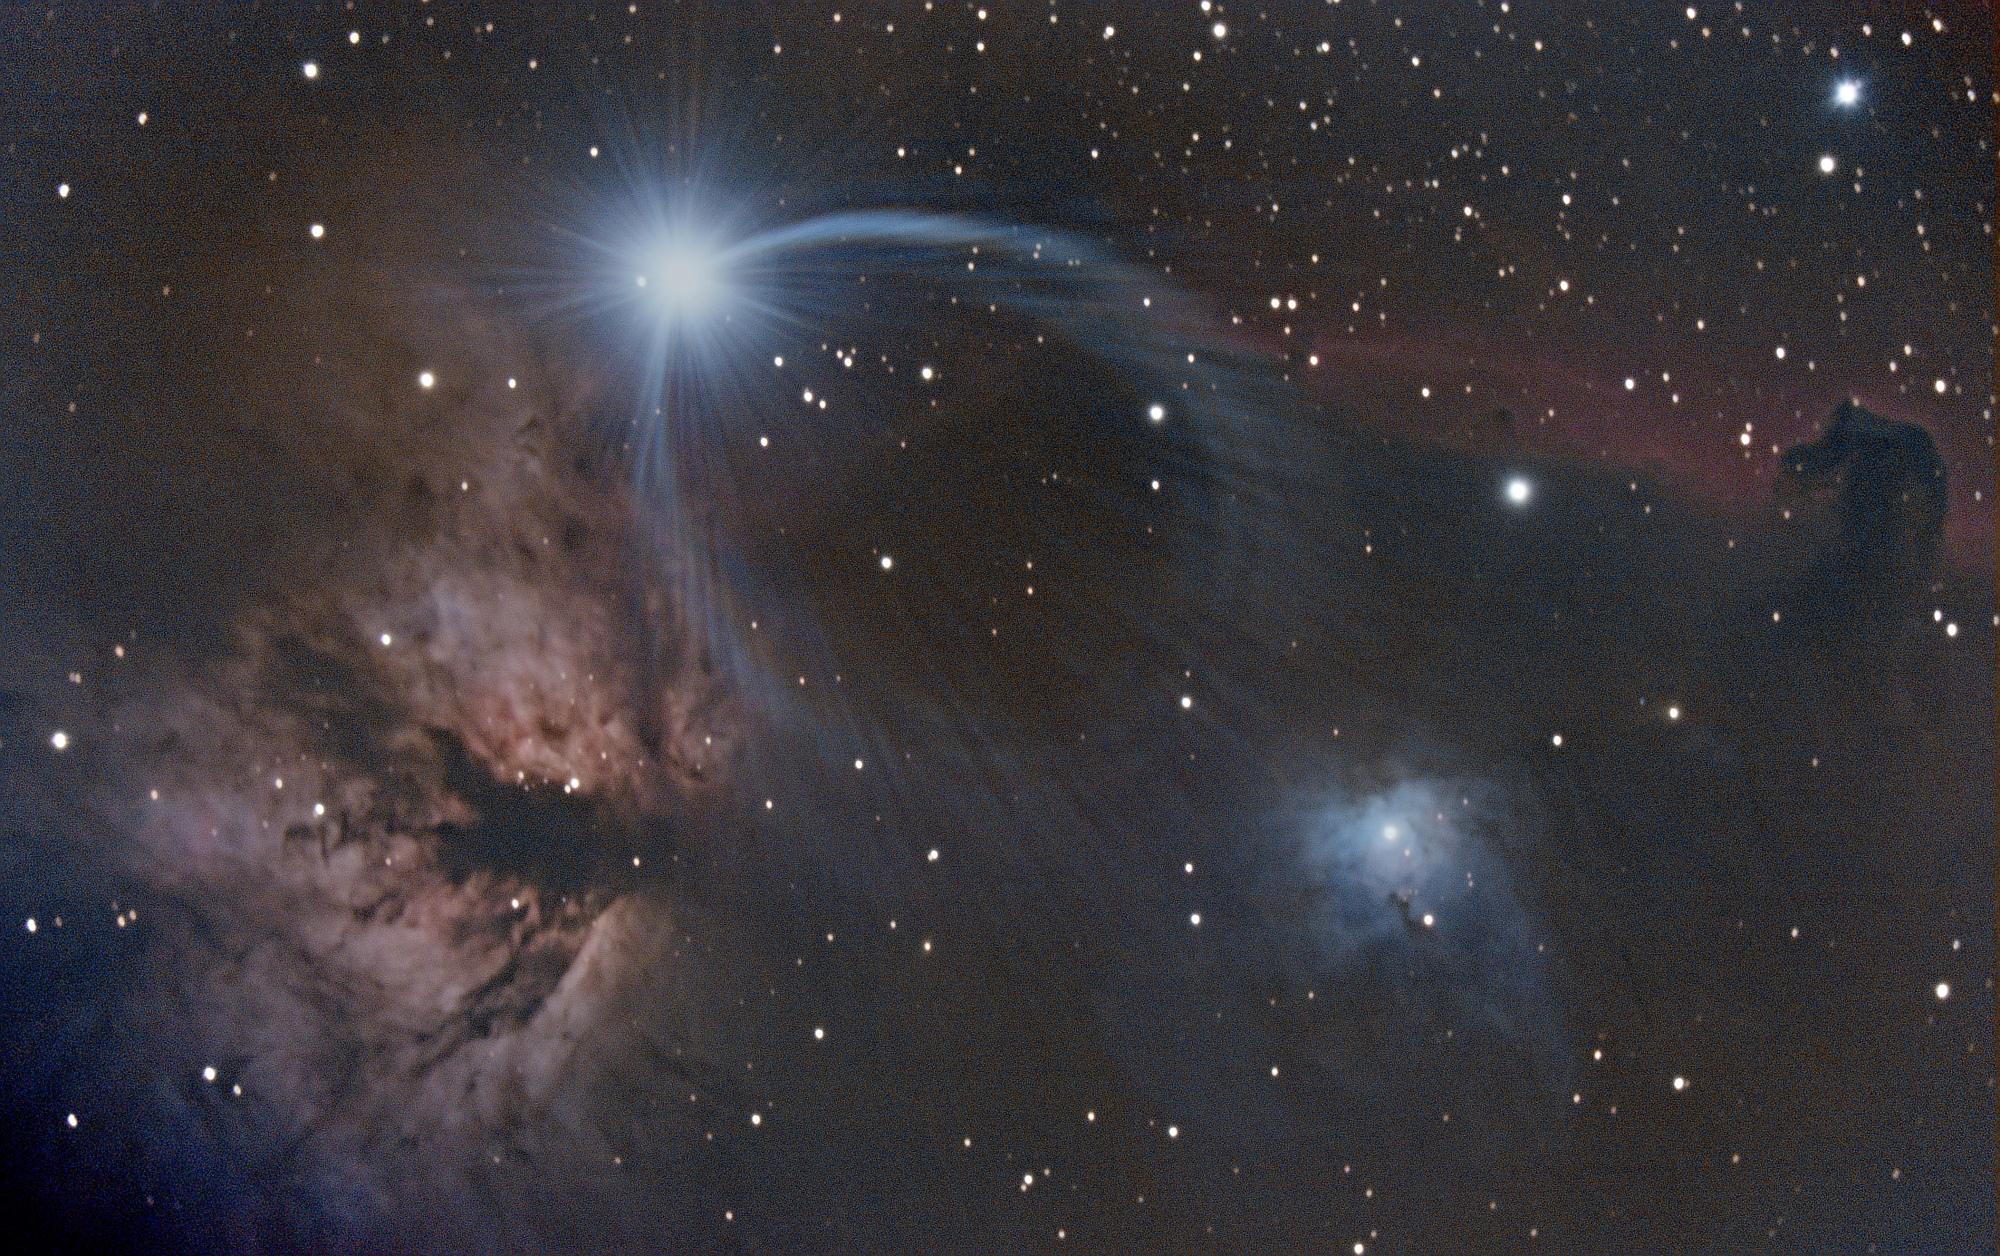 NGC2024_NGC2023_IC434_2020-09-12_GORBIO_SIRIL_CS2.thumb.jpg.2bd60a625b5b73607445834c5d10d6b3.jpg